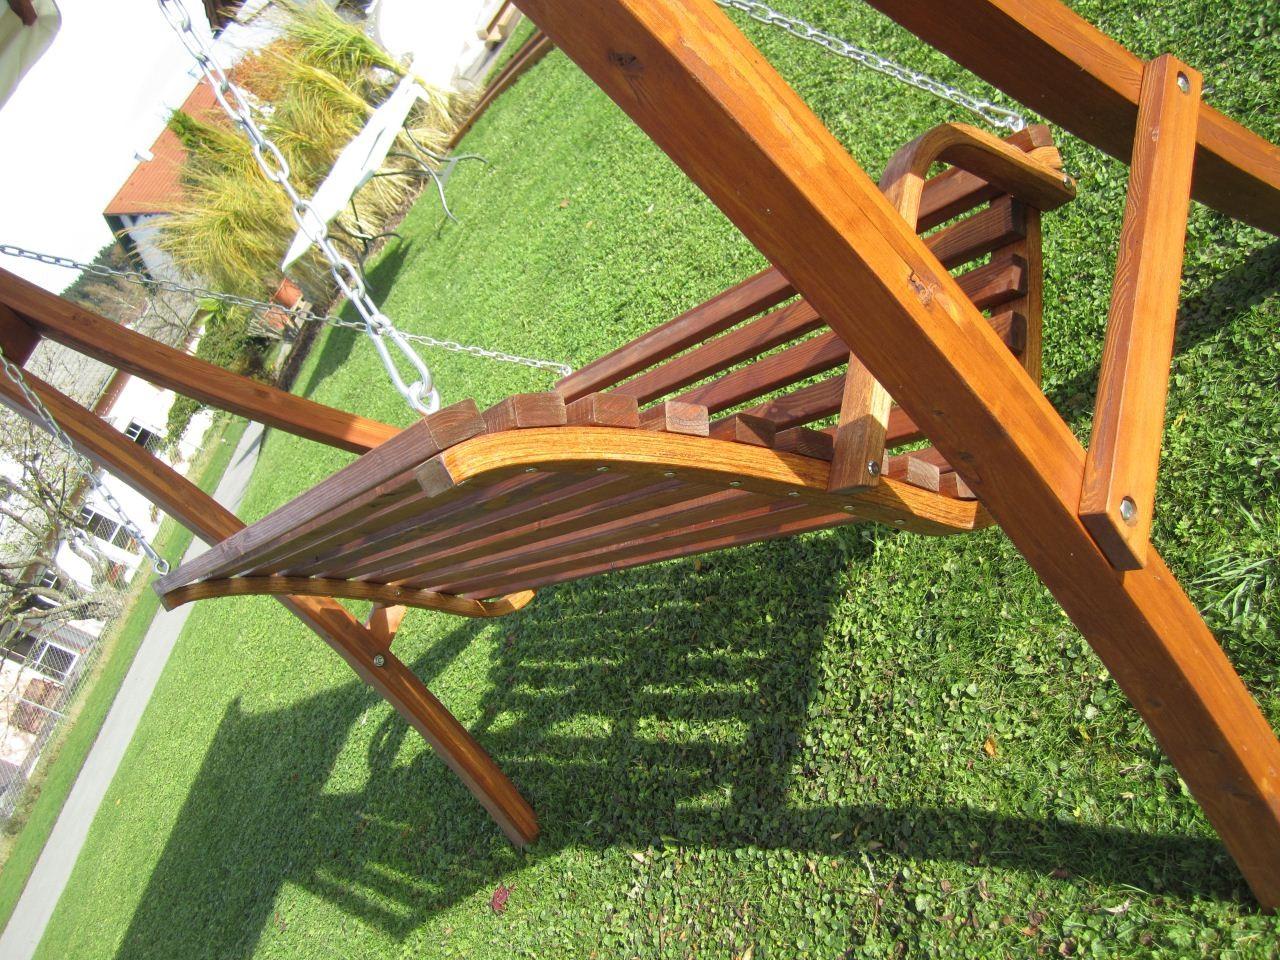 Hollywoodschaukel Holz Mit Dach ~   Schaukel aus Holz Lärche mit Dach Modell  KUREDO 103  – Bild 7